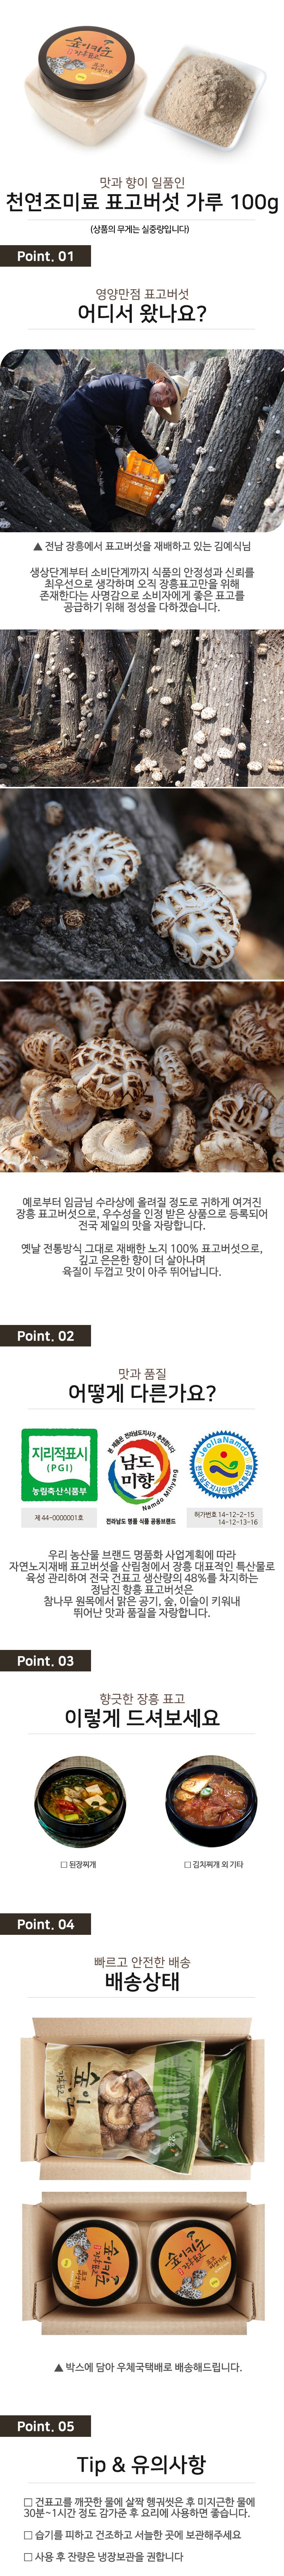 hae_mushroom6.jpg